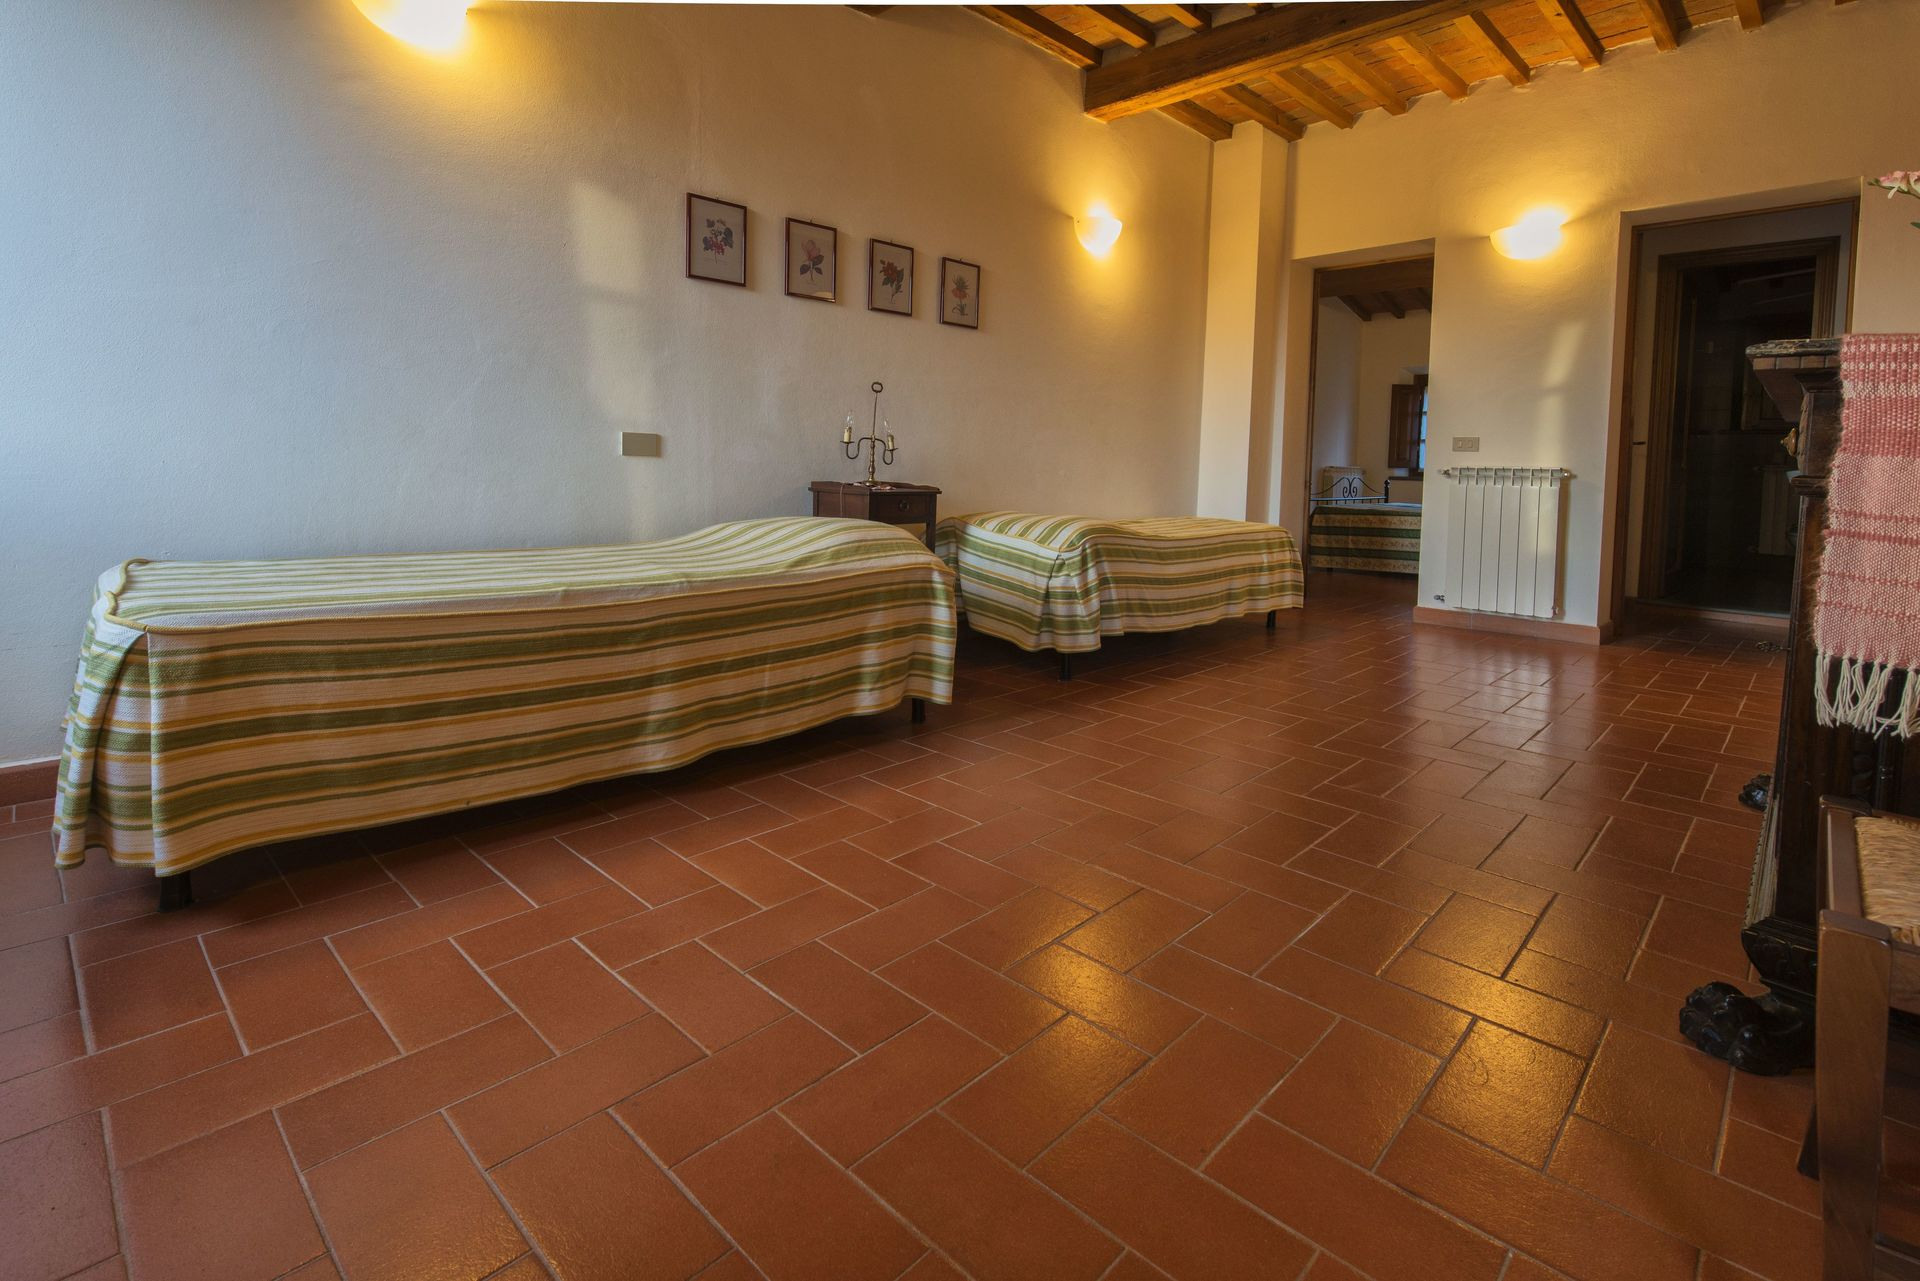 Maria 2 posti letto 6 in 2 camere casa vacanza a for Piani casa 2 letti